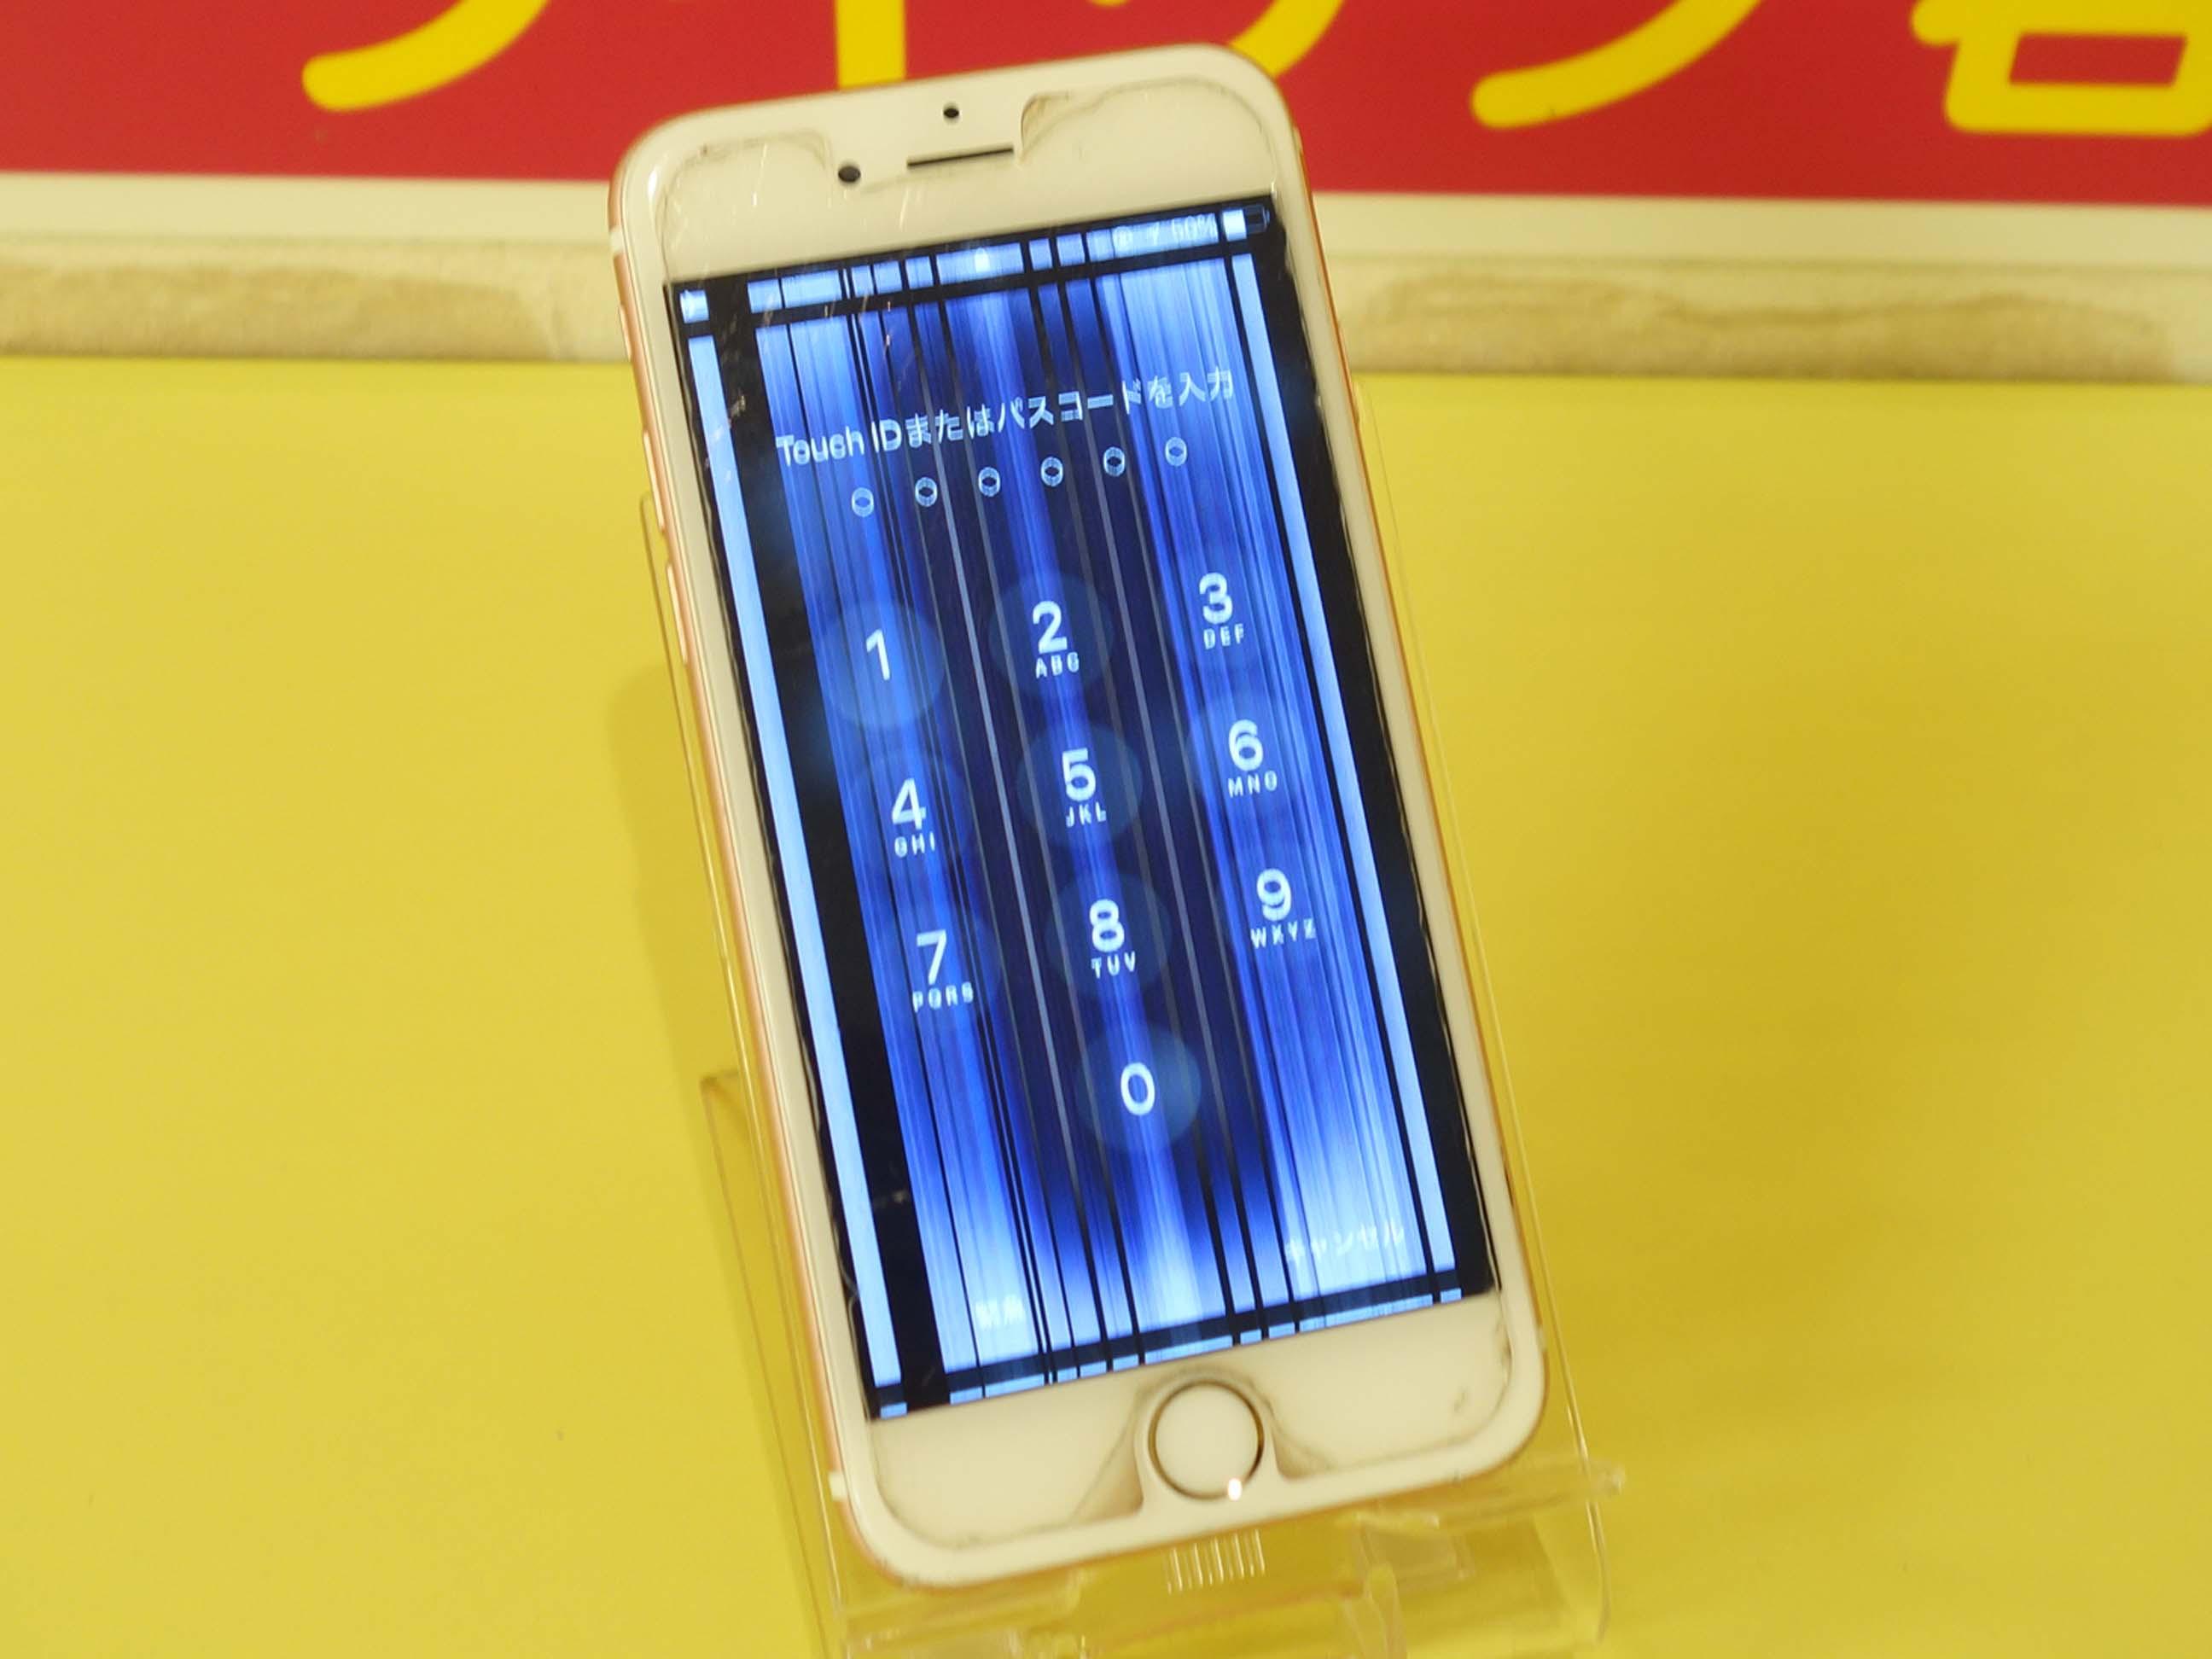 春日井市 お手洗いで水没 iPhone6S 水没修理 アイフォン修理のクイック名古屋